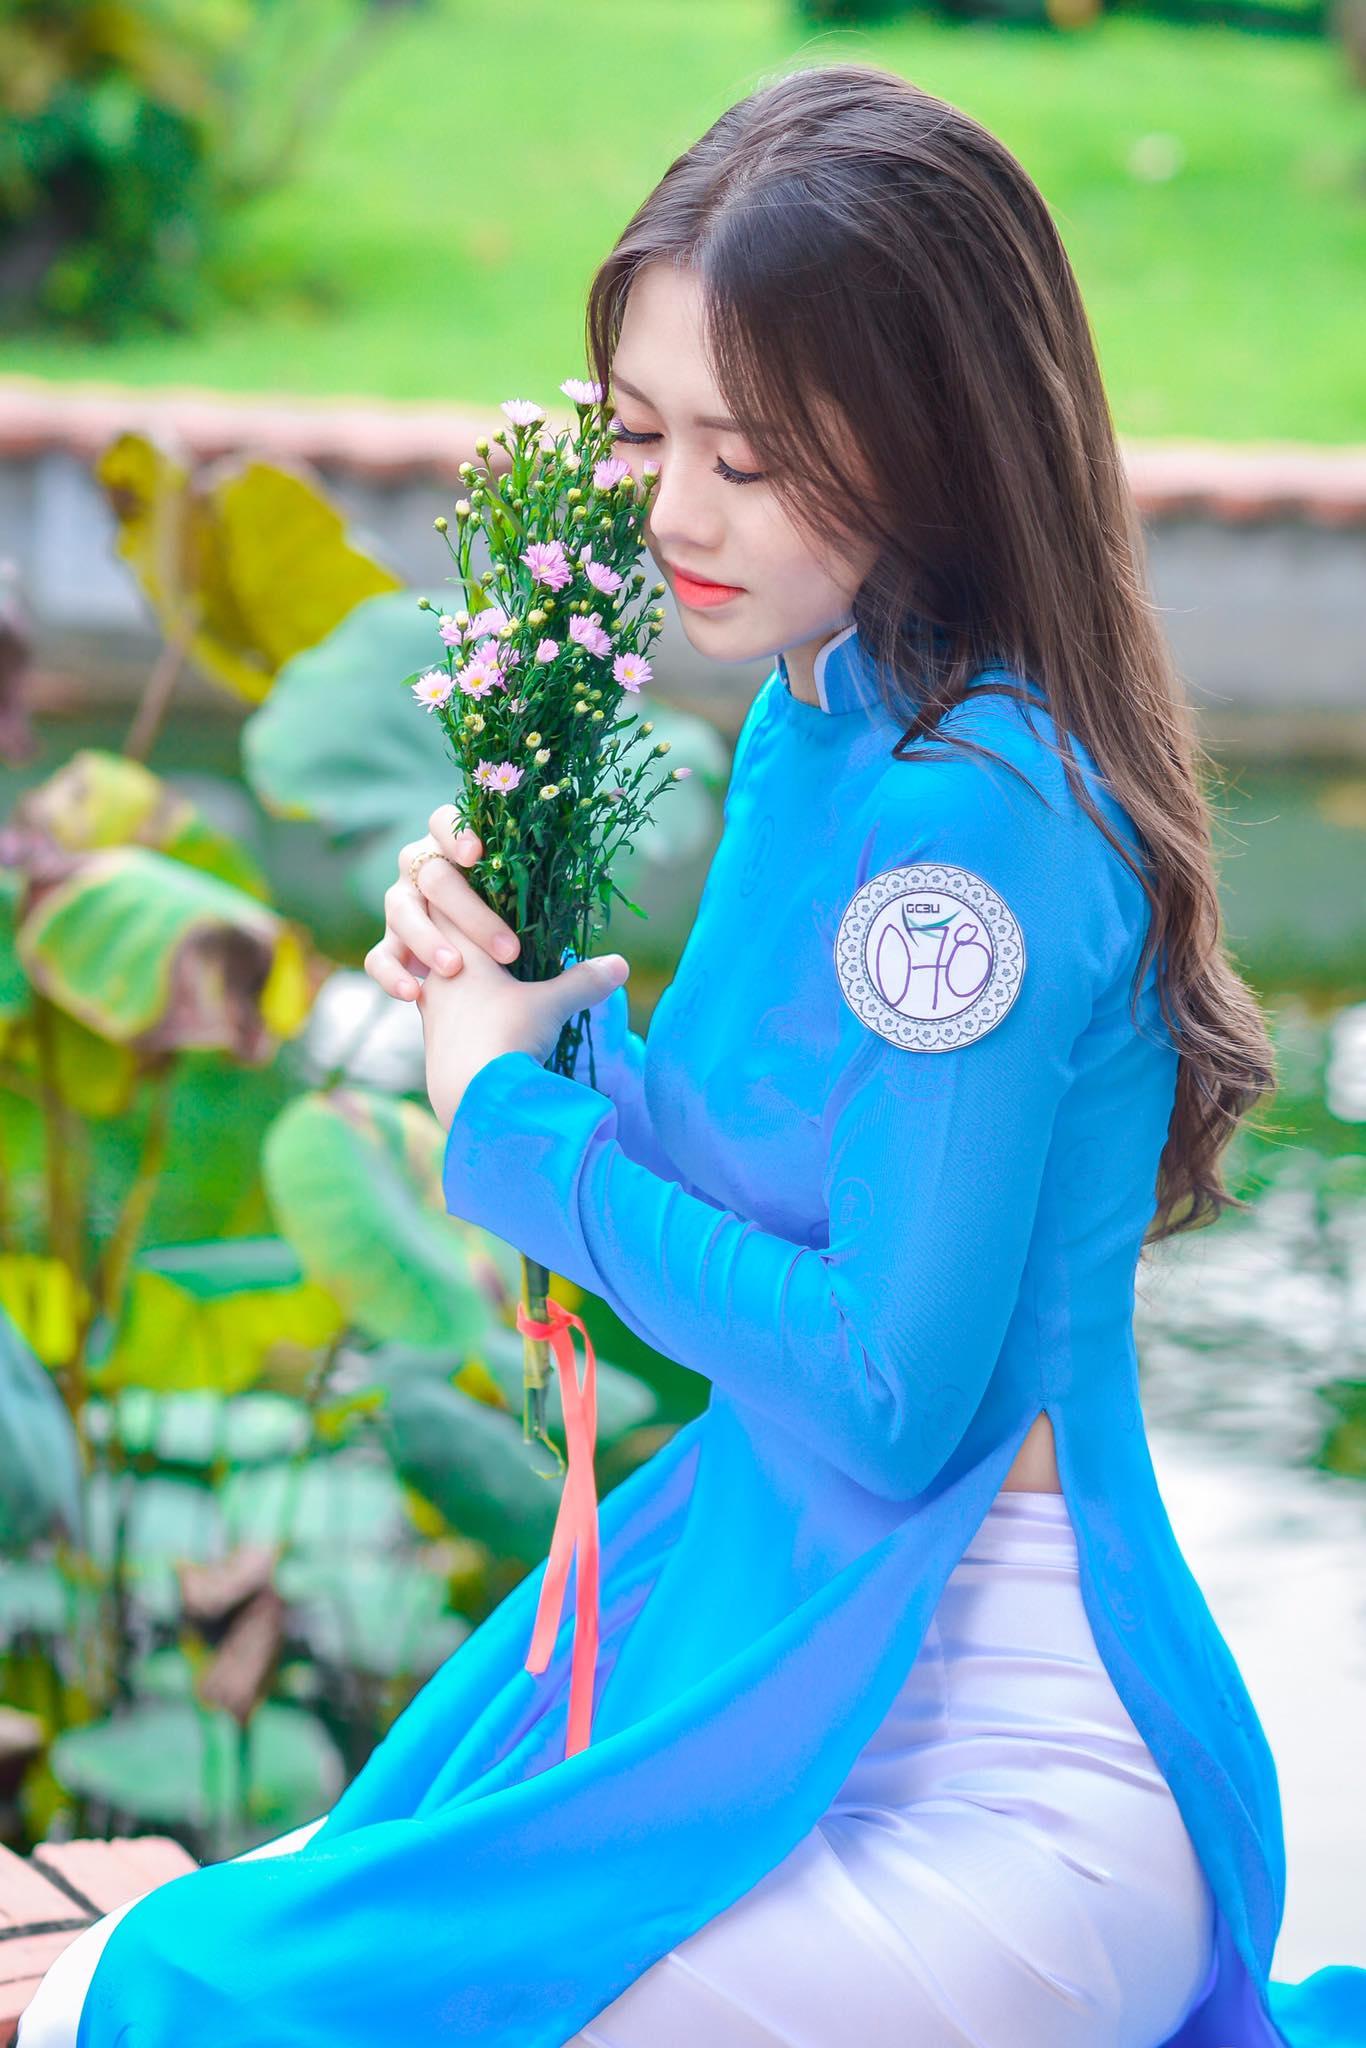 Những bức hình duyên dáng trong tà áo dài tinh khôi được đăng trên mạng xã hội đã nhận được hàng nghìn lượt like, chia sẻ và bình luận của cư dân mạng.